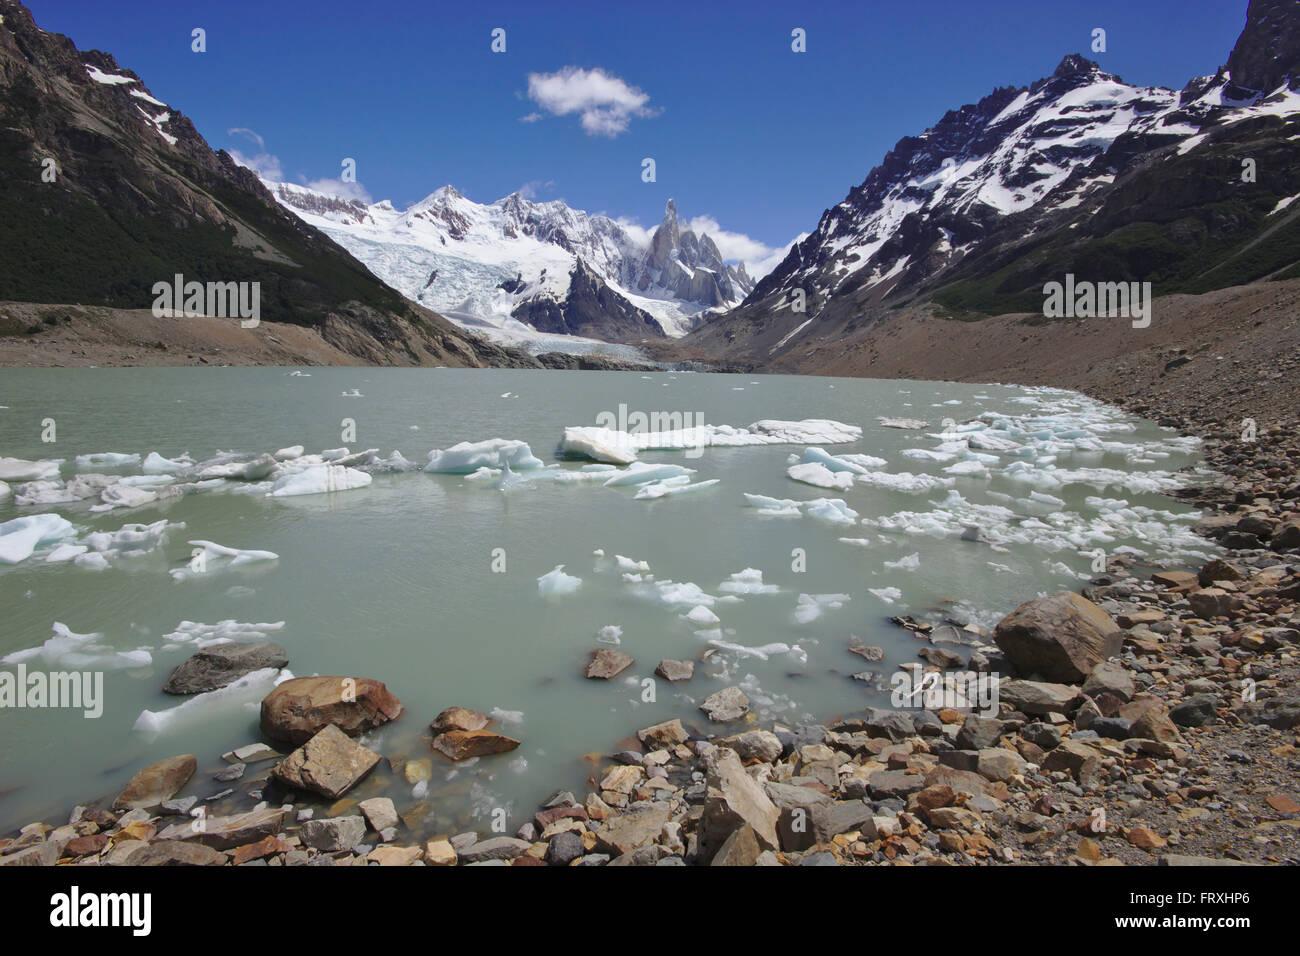 Cerro Torre y Laguna Torre, pequeños icebergs; con el Cerro Grande, Cerro Doblado, Cerro Adela; Argentinia, Patagonia Foto de stock